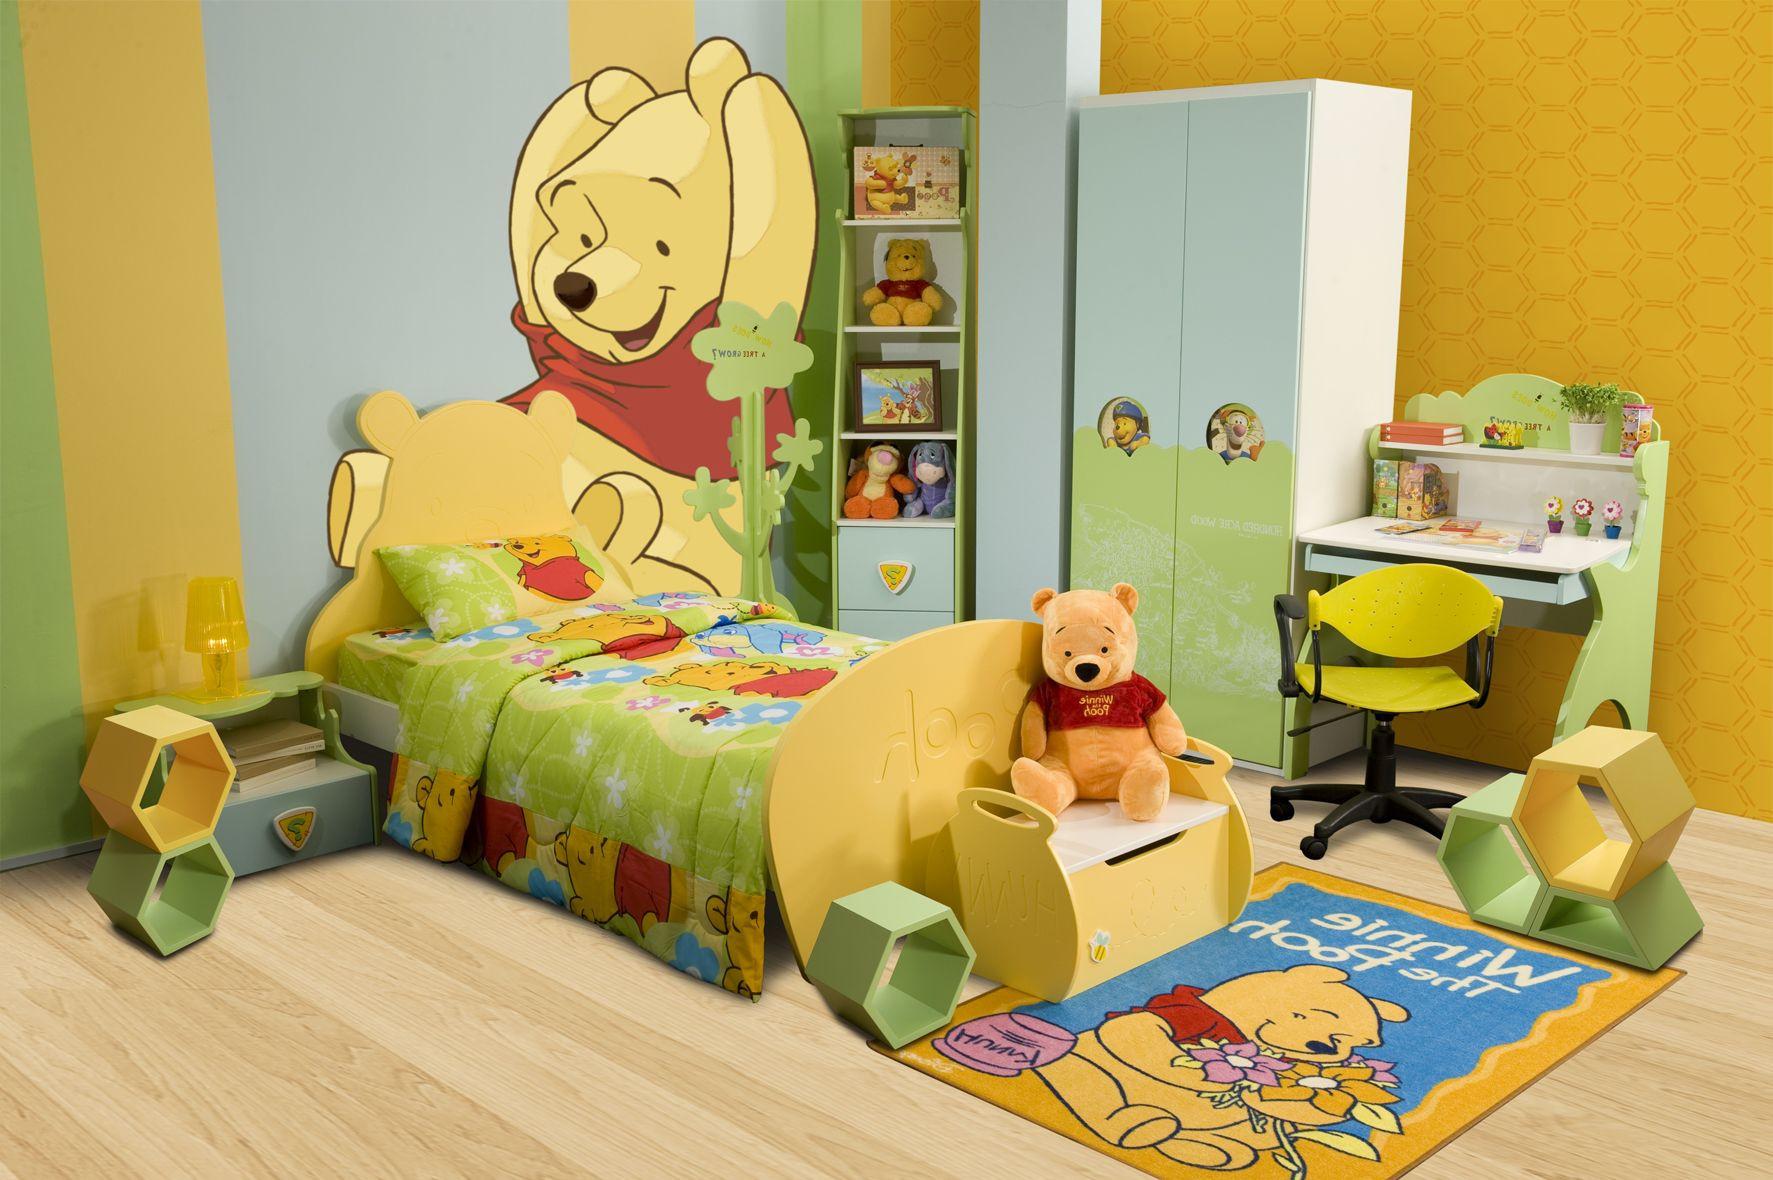 أفكار غرف أطفال - الأصفر وعشاق بوه